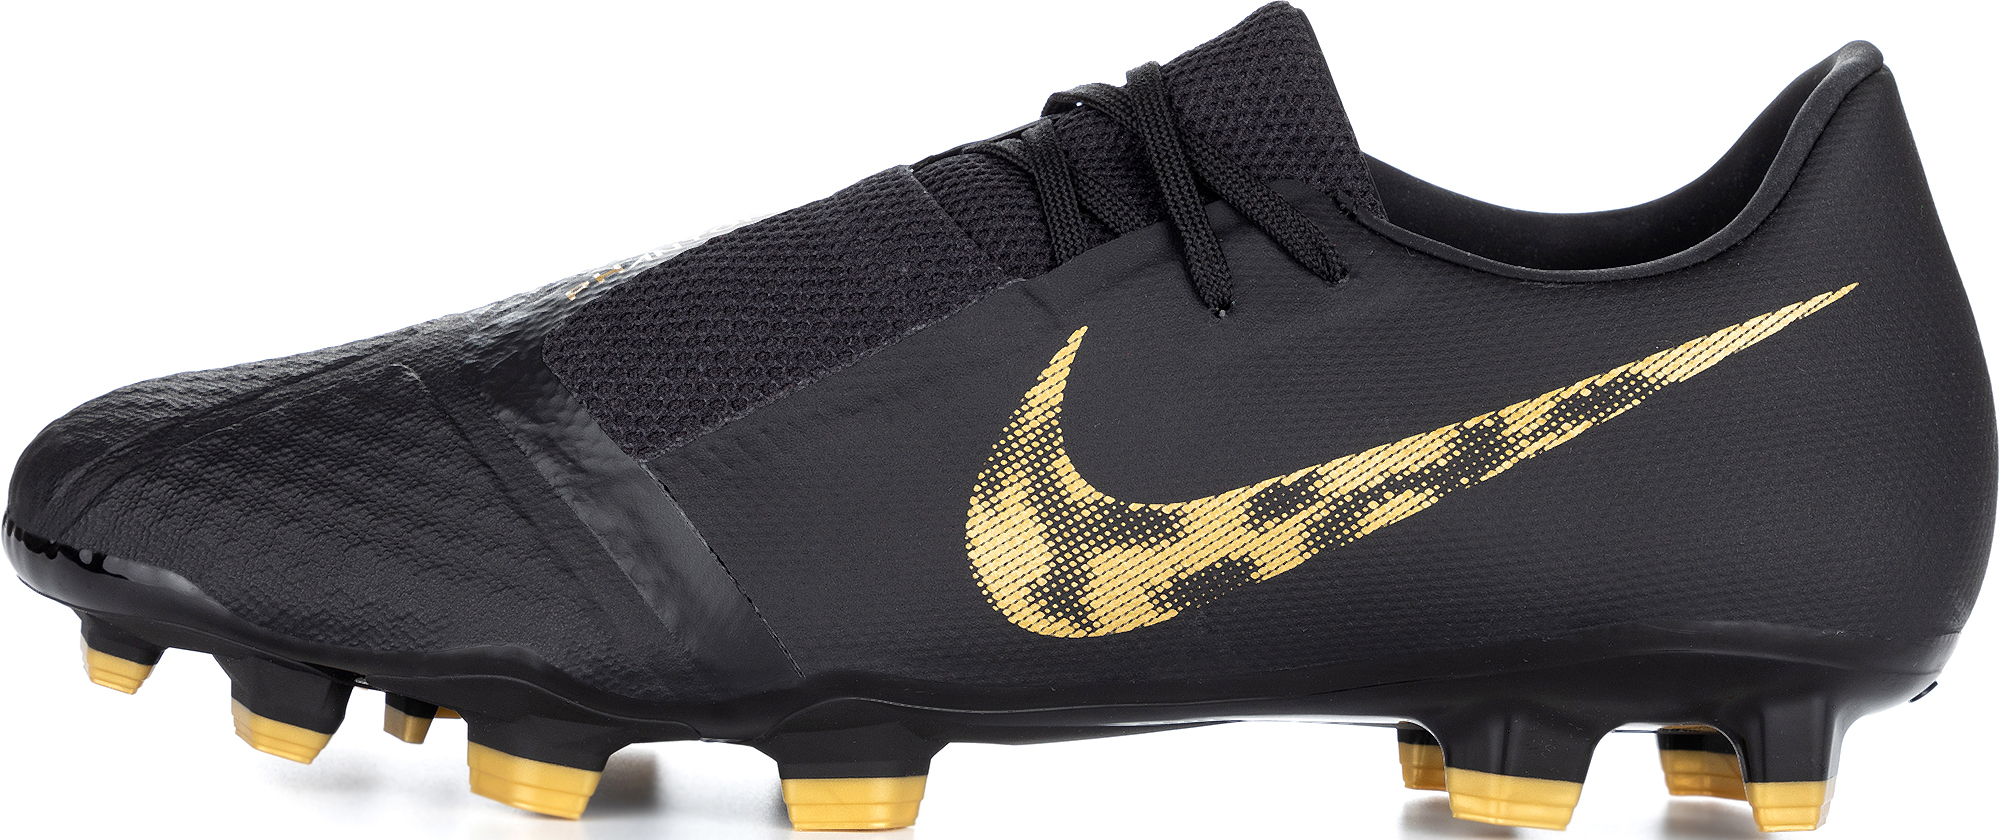 Nike Бутсы мужские Nike Phantom Venom, размер 45 цена